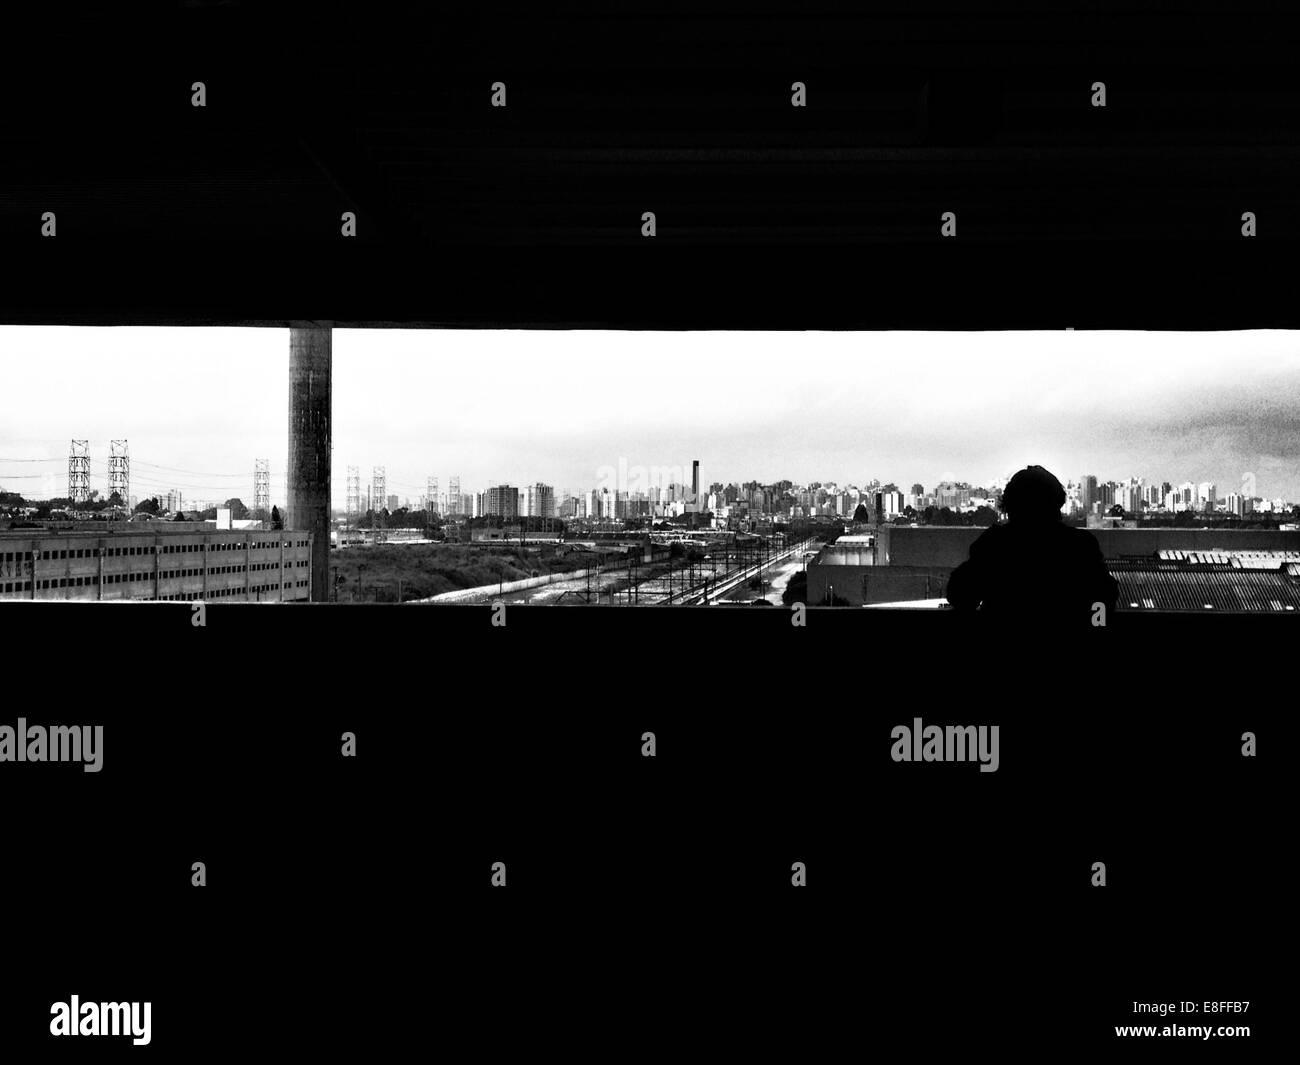 Silhouette einer Person Blick auf die Skyline der Stadt, São Paulo, Brasilien Stockbild